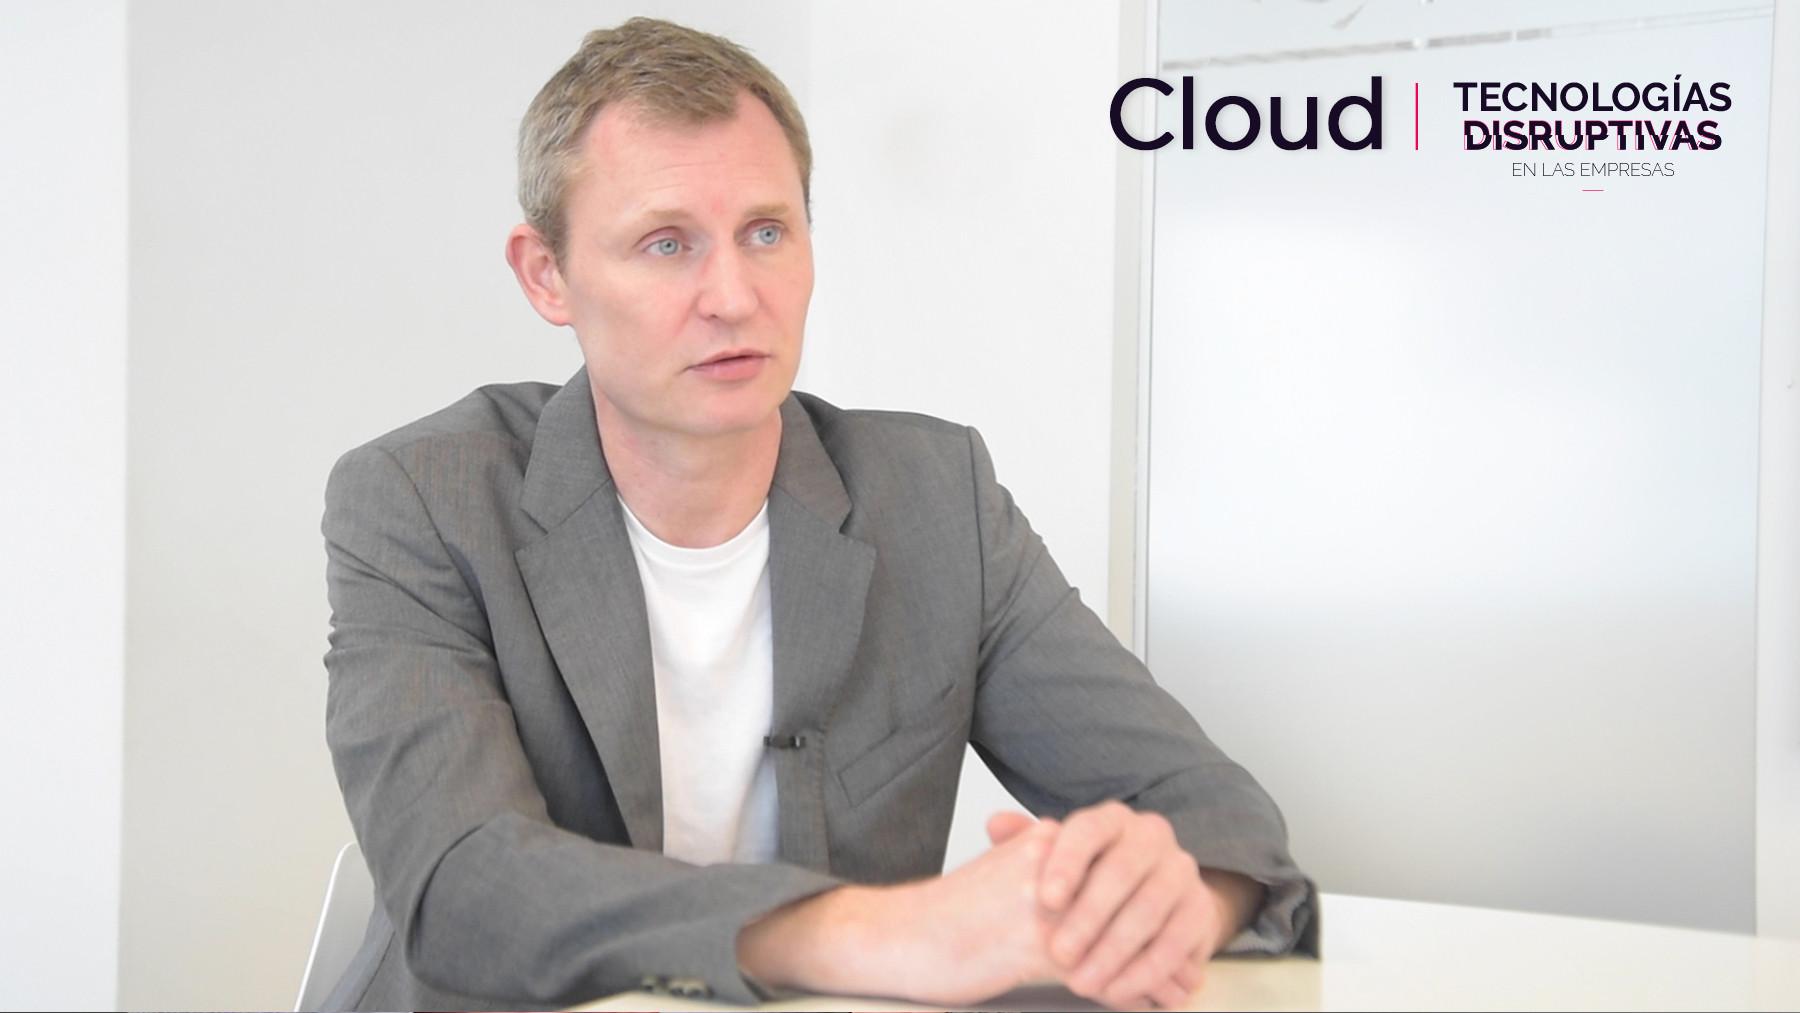 Tecnologías Disruptivas: los beneficios de la nube se extienden más allá del área de TI